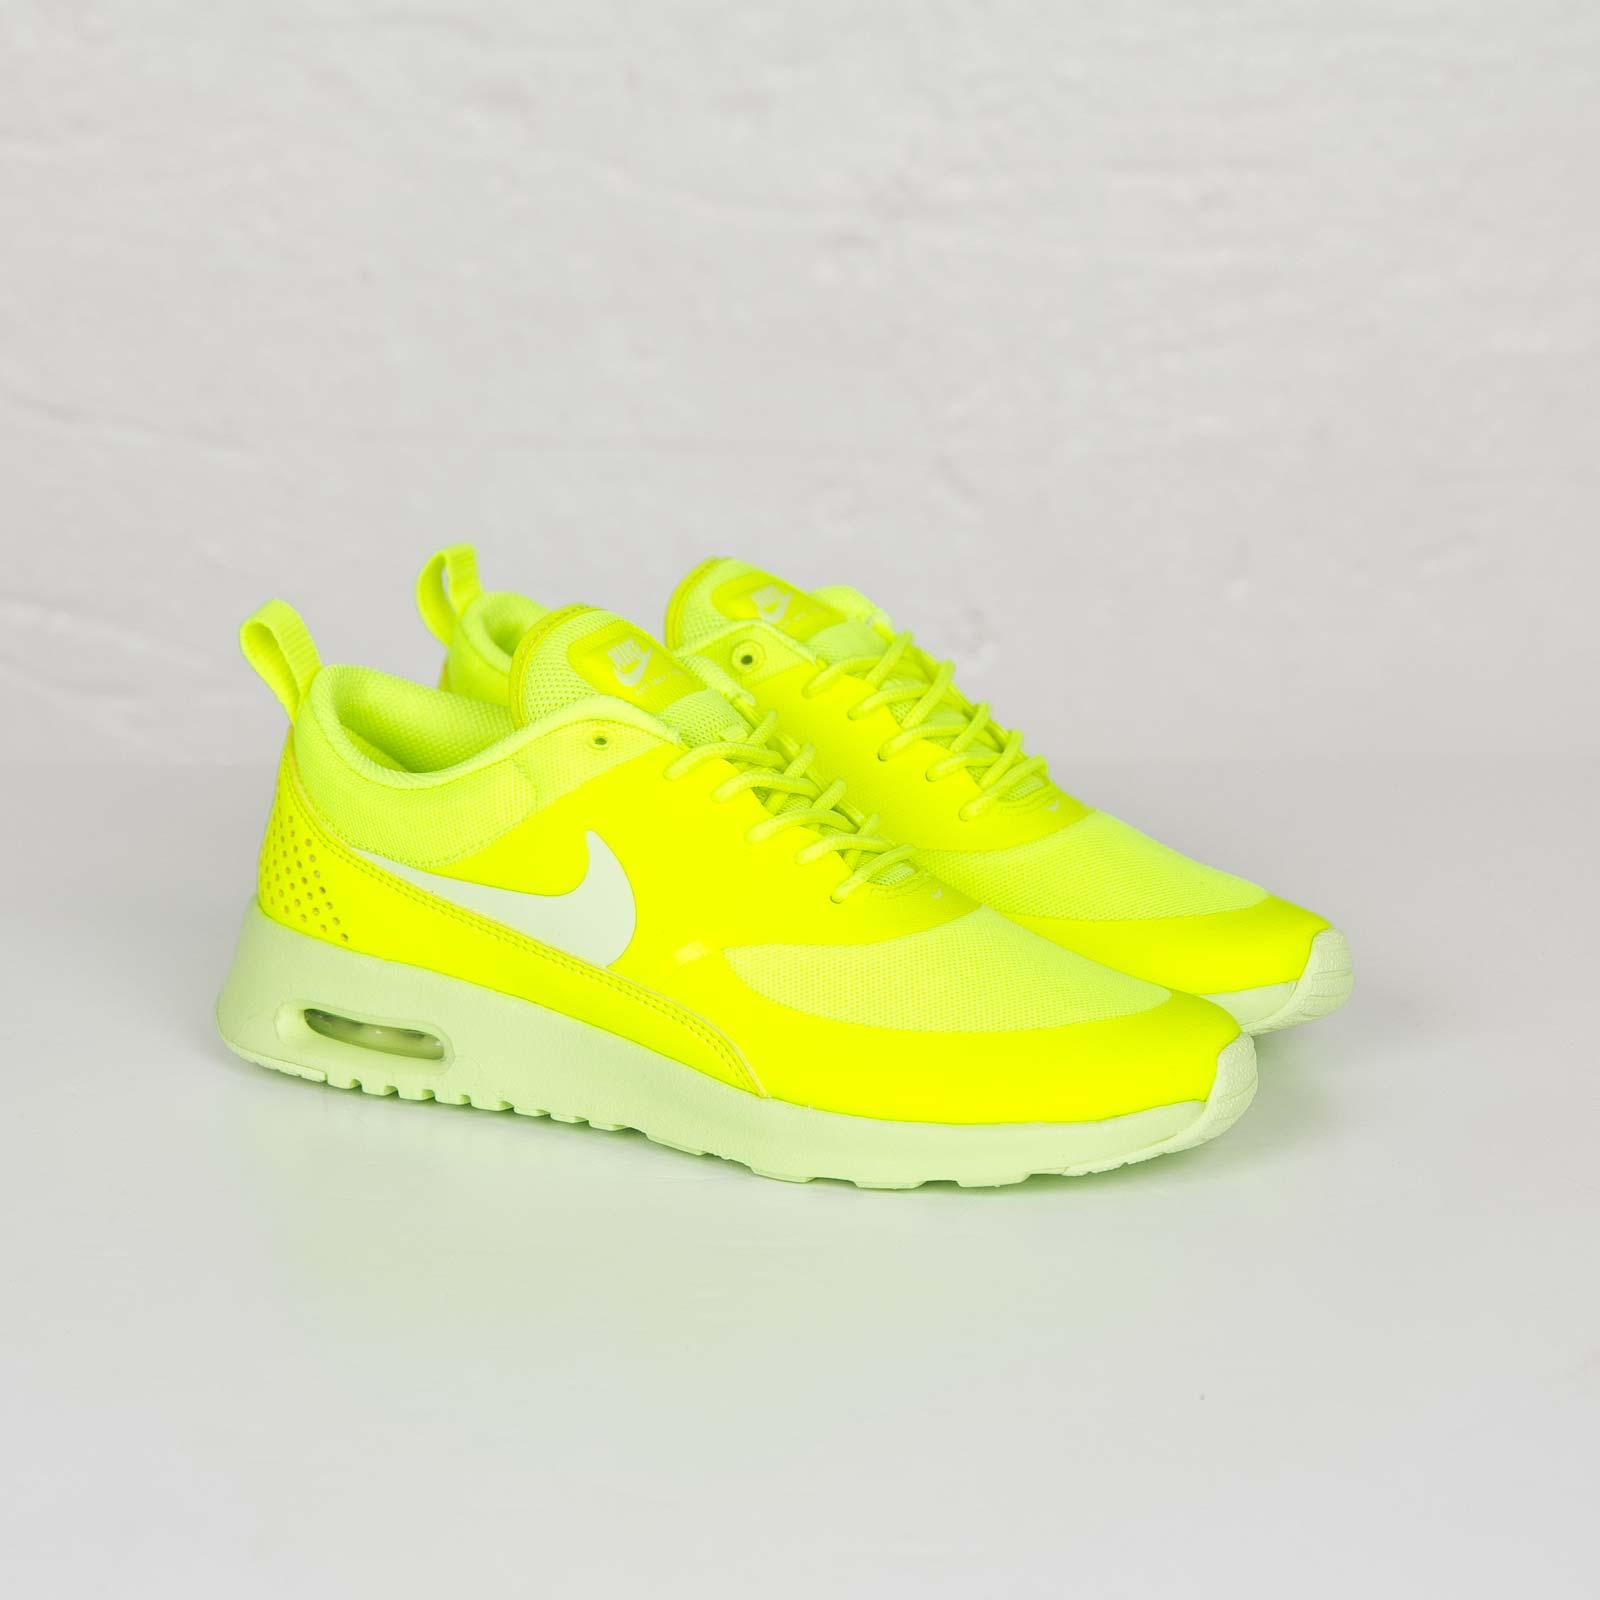 Nike Air Max Thea Neon Grün